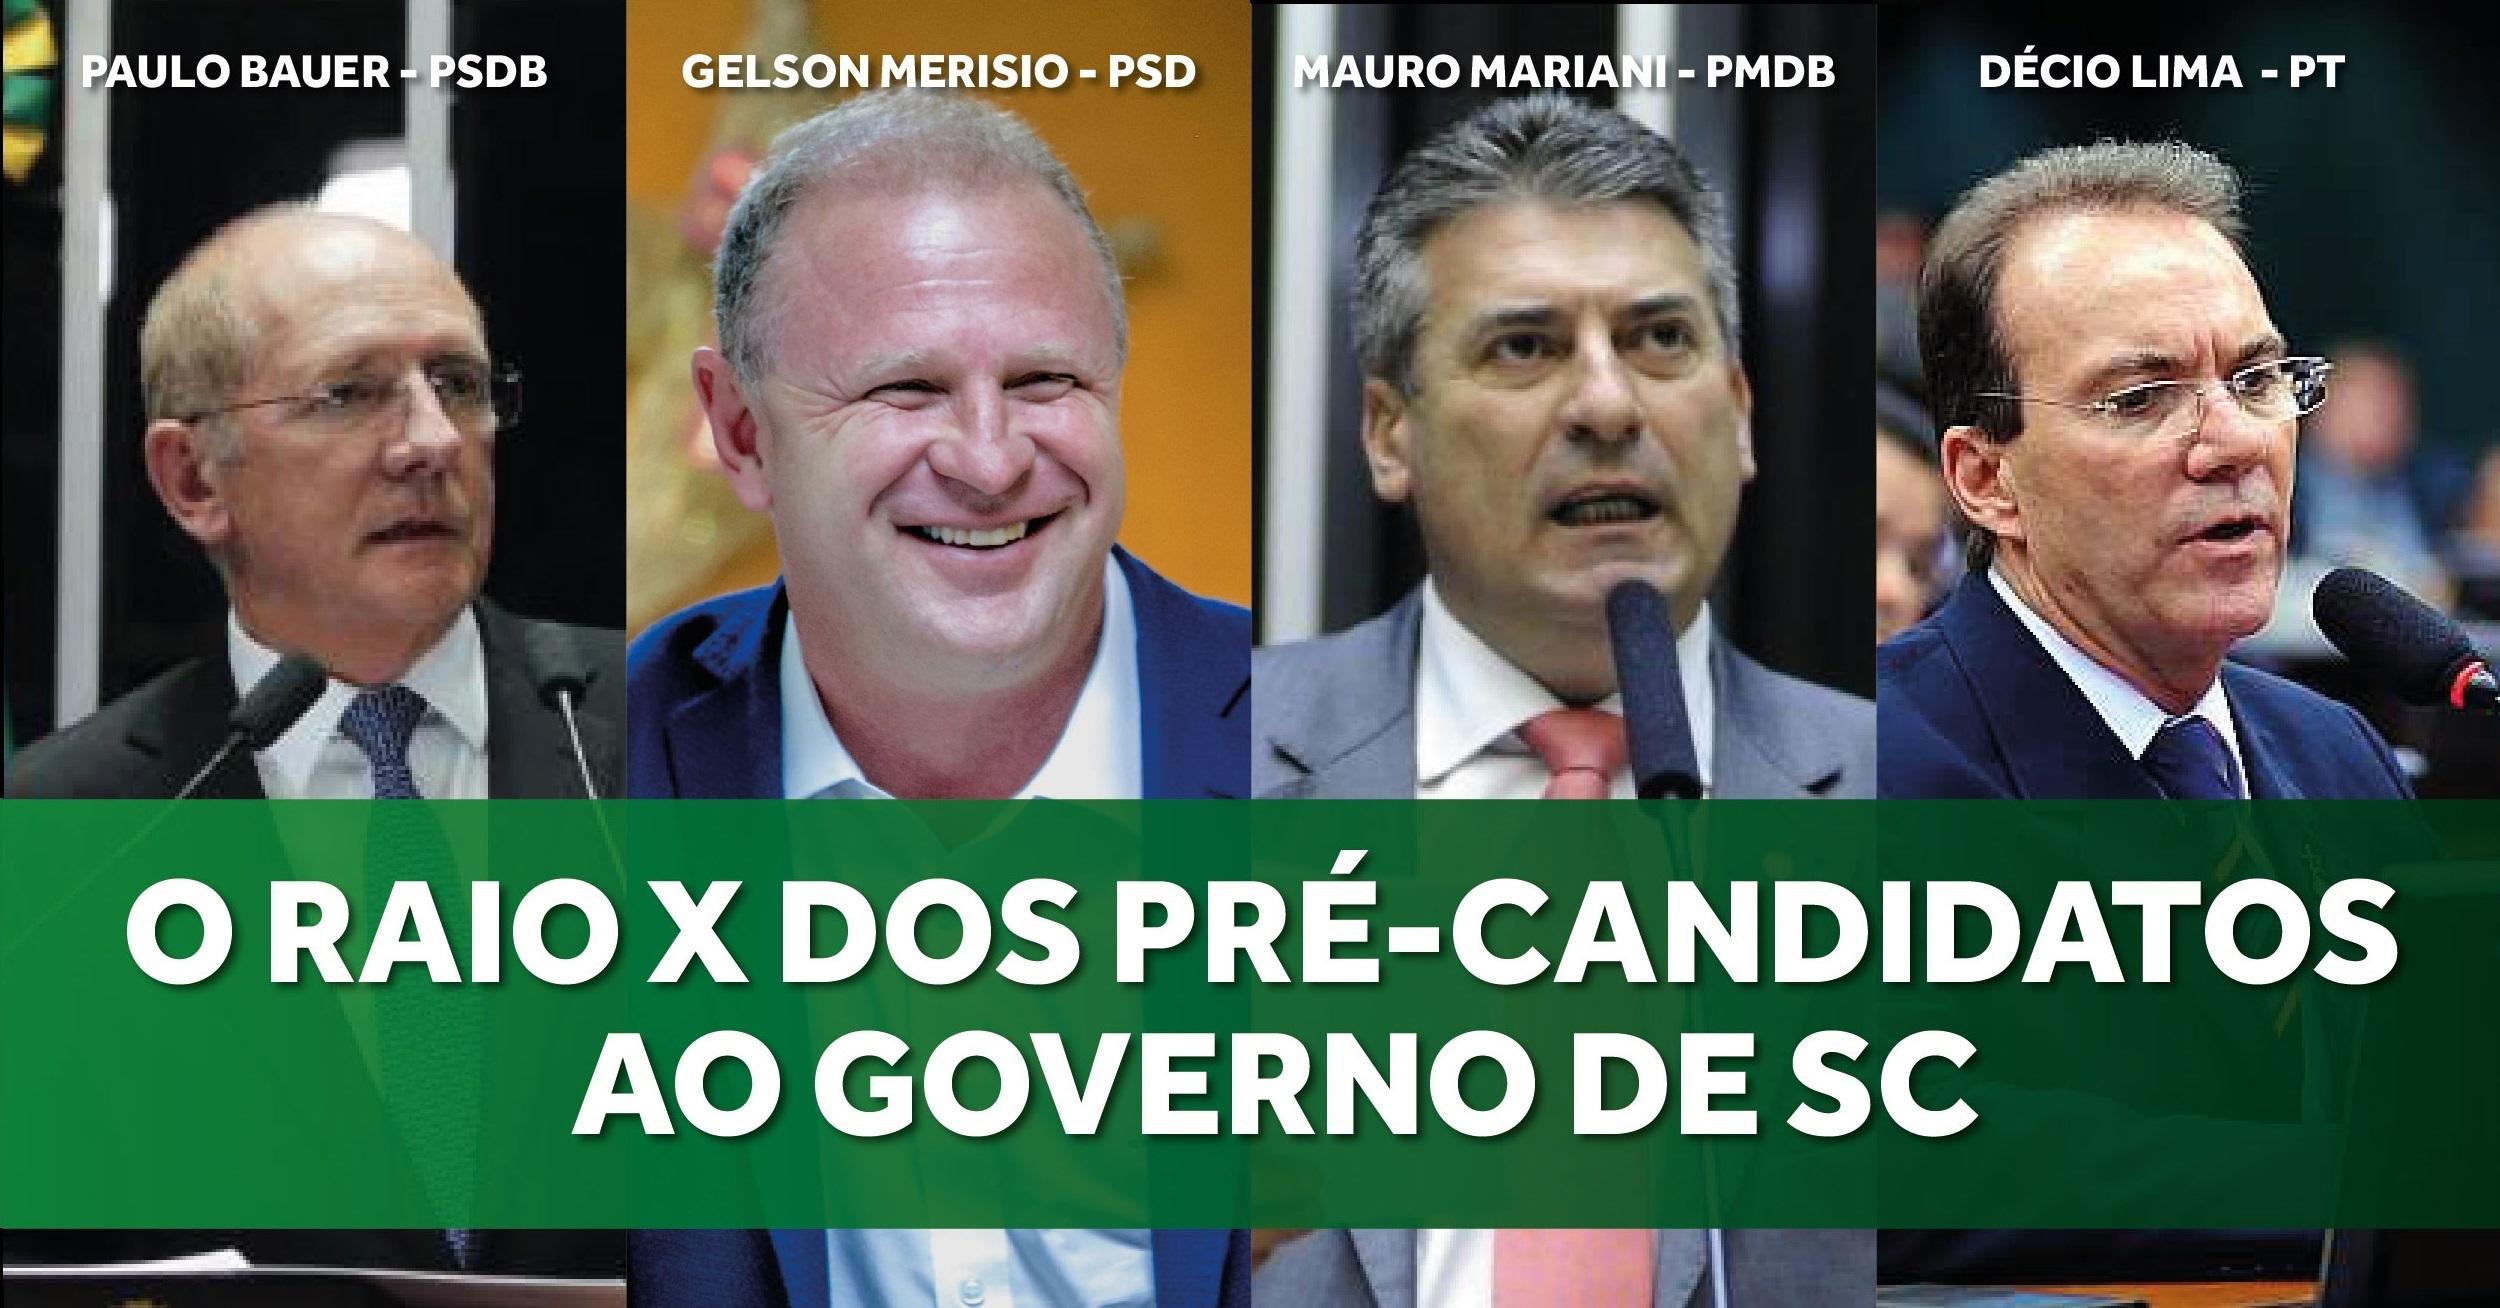 Quem são os possíveis candidatos a governador de SC?